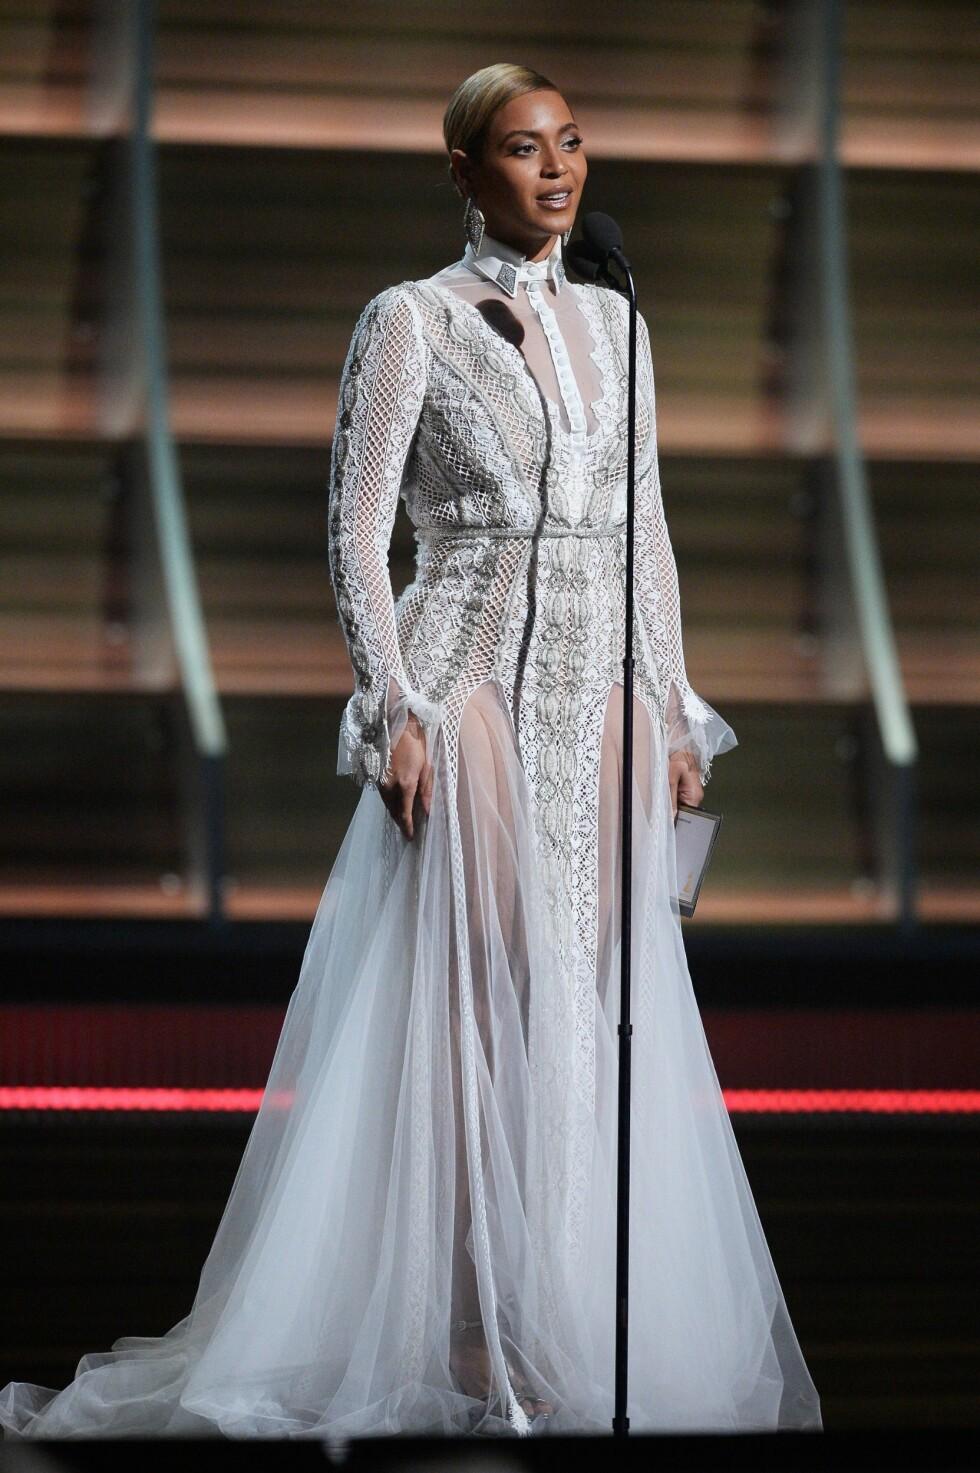 BRUDEKJOLE PÅ GRAMMY AWARDS: Hva med å gjøre som Beyonce og gå med en brudekjole neste gang du skal på en stivpyntet fest? Foto: Afp